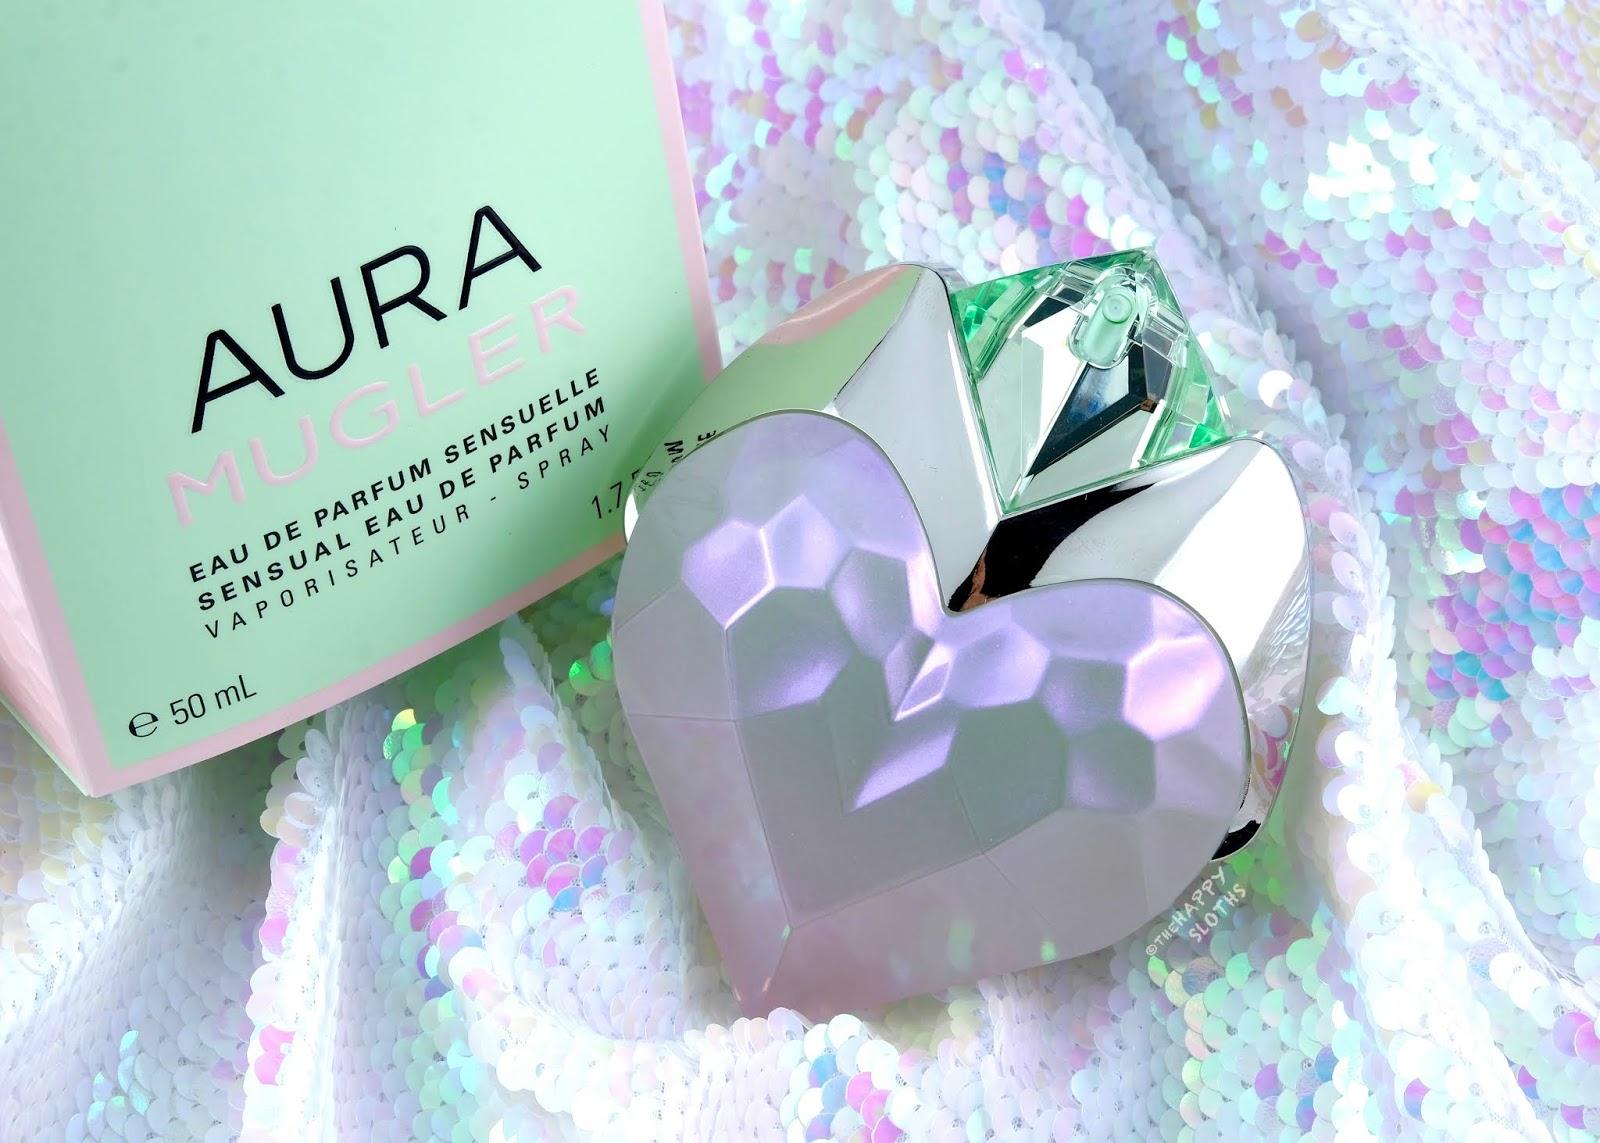 Mugler | Aura Mugler Eau de Parfum Sensuelle: Review